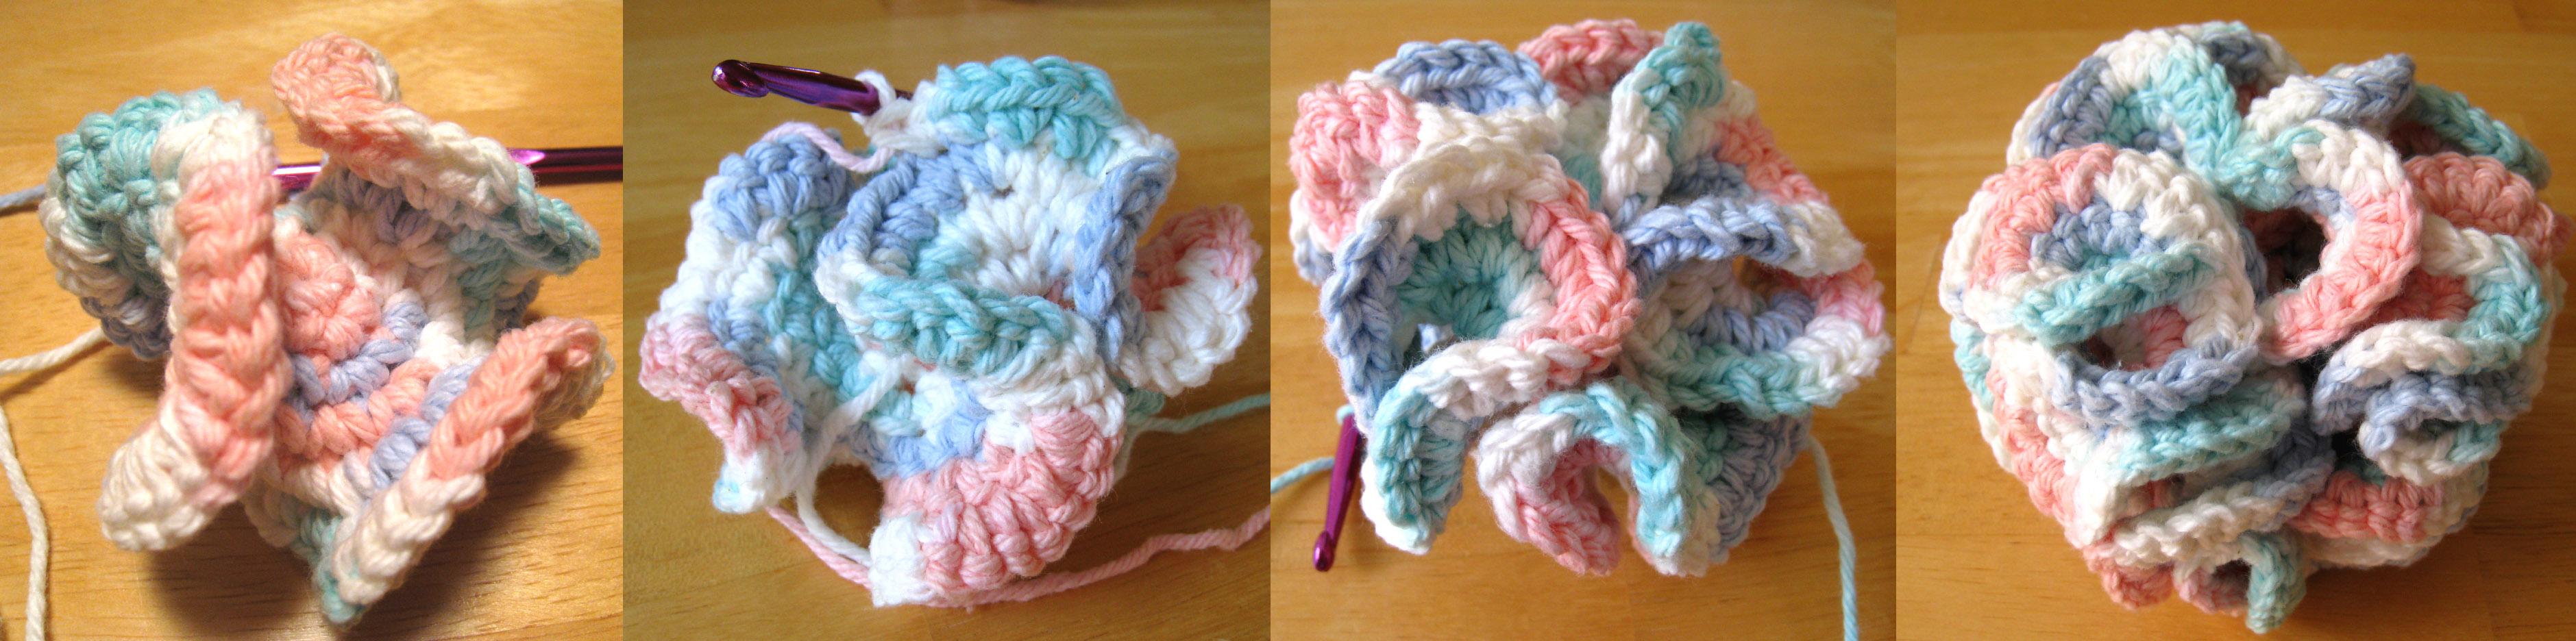 Free Crochet Pattern For Bath Pouf : File:Crochet bath puff 6.jpg - Wikimedia Commons